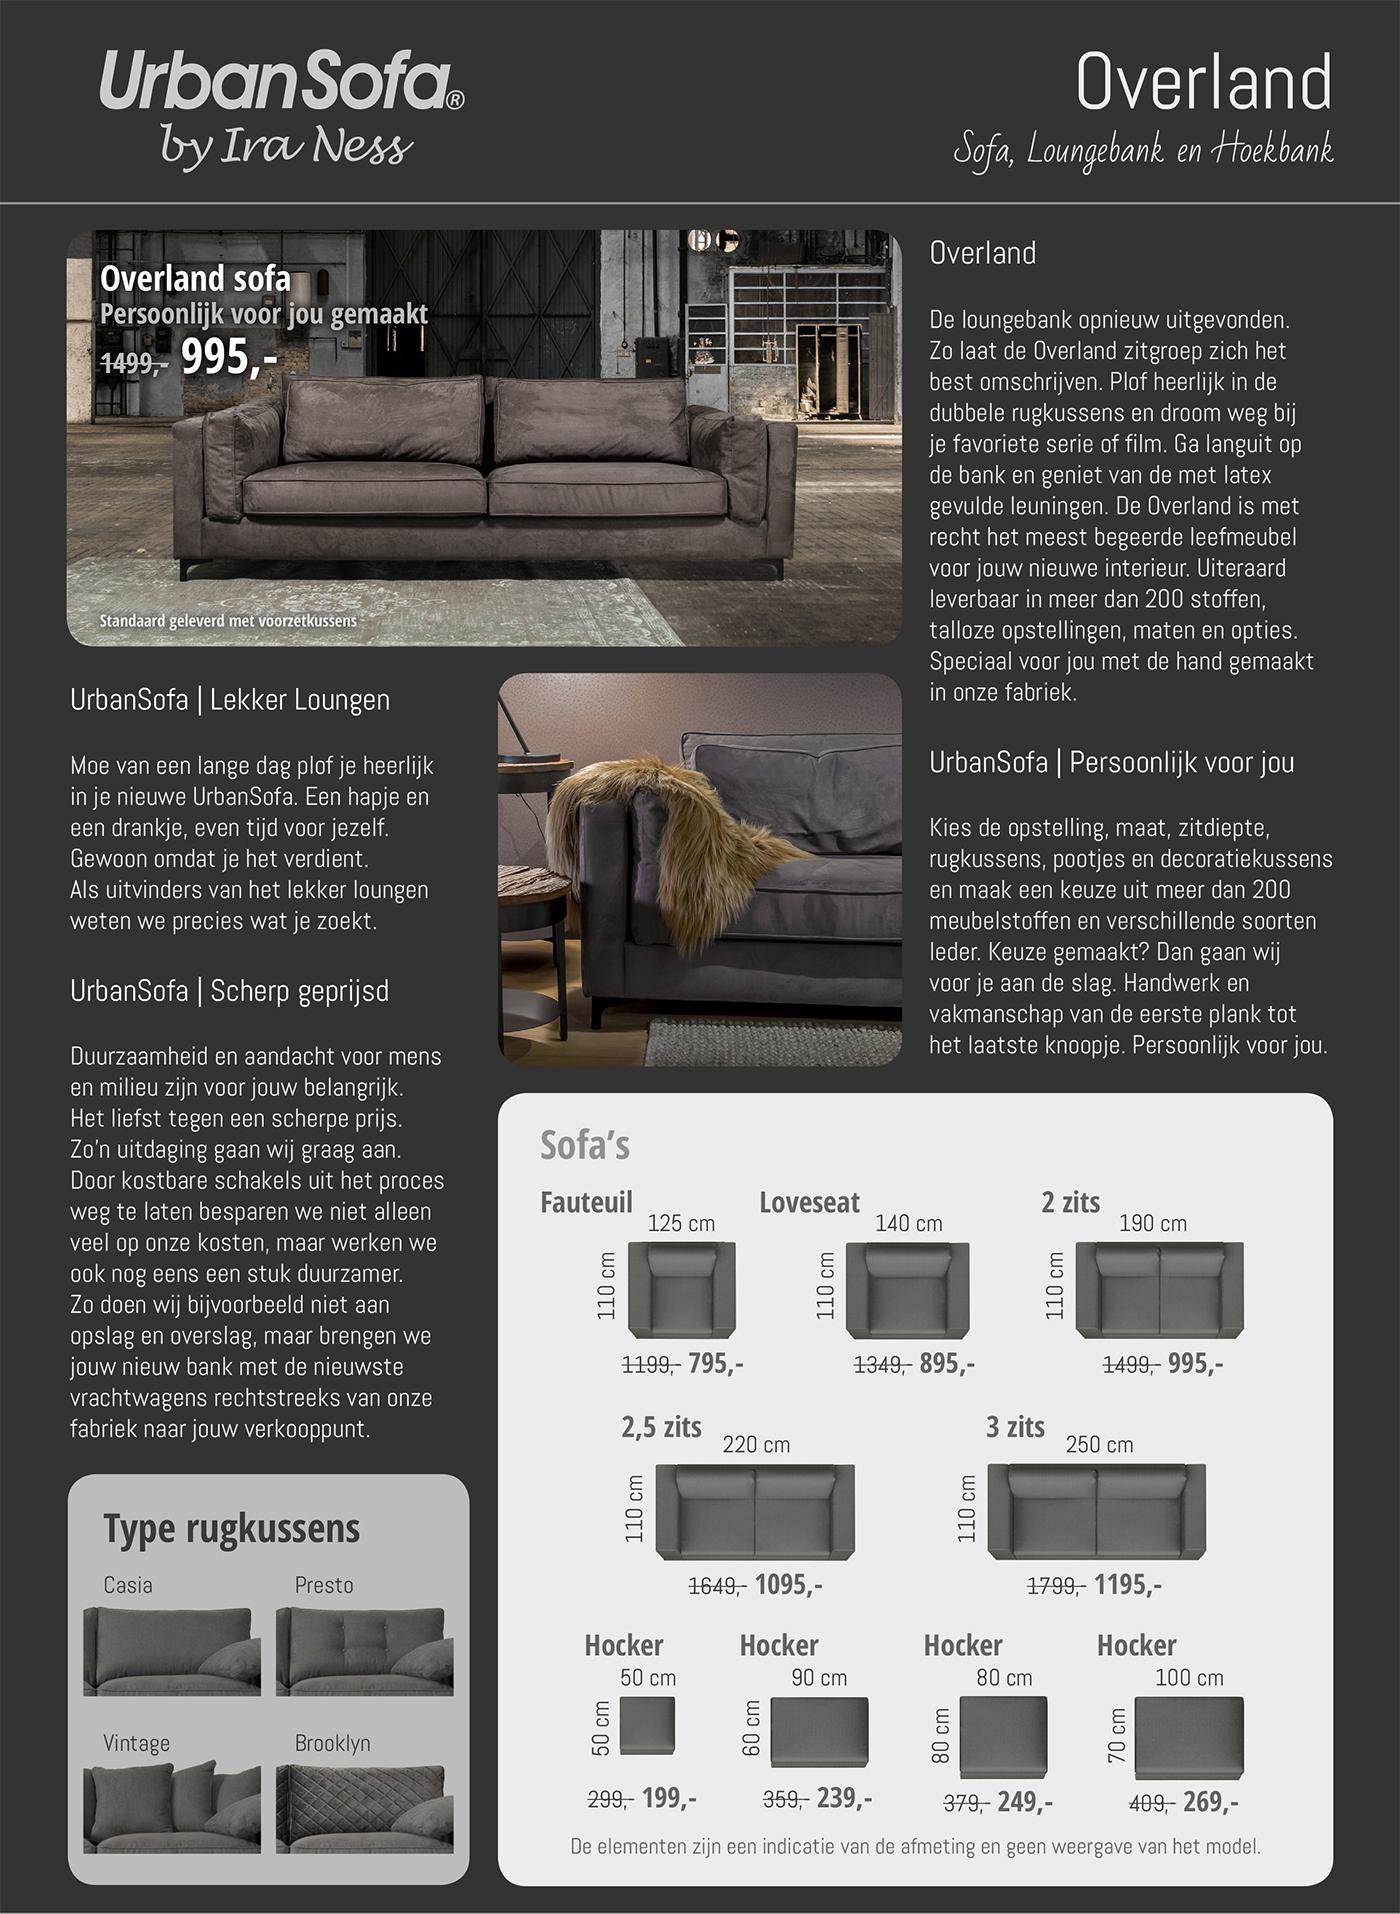 Overland Sofa